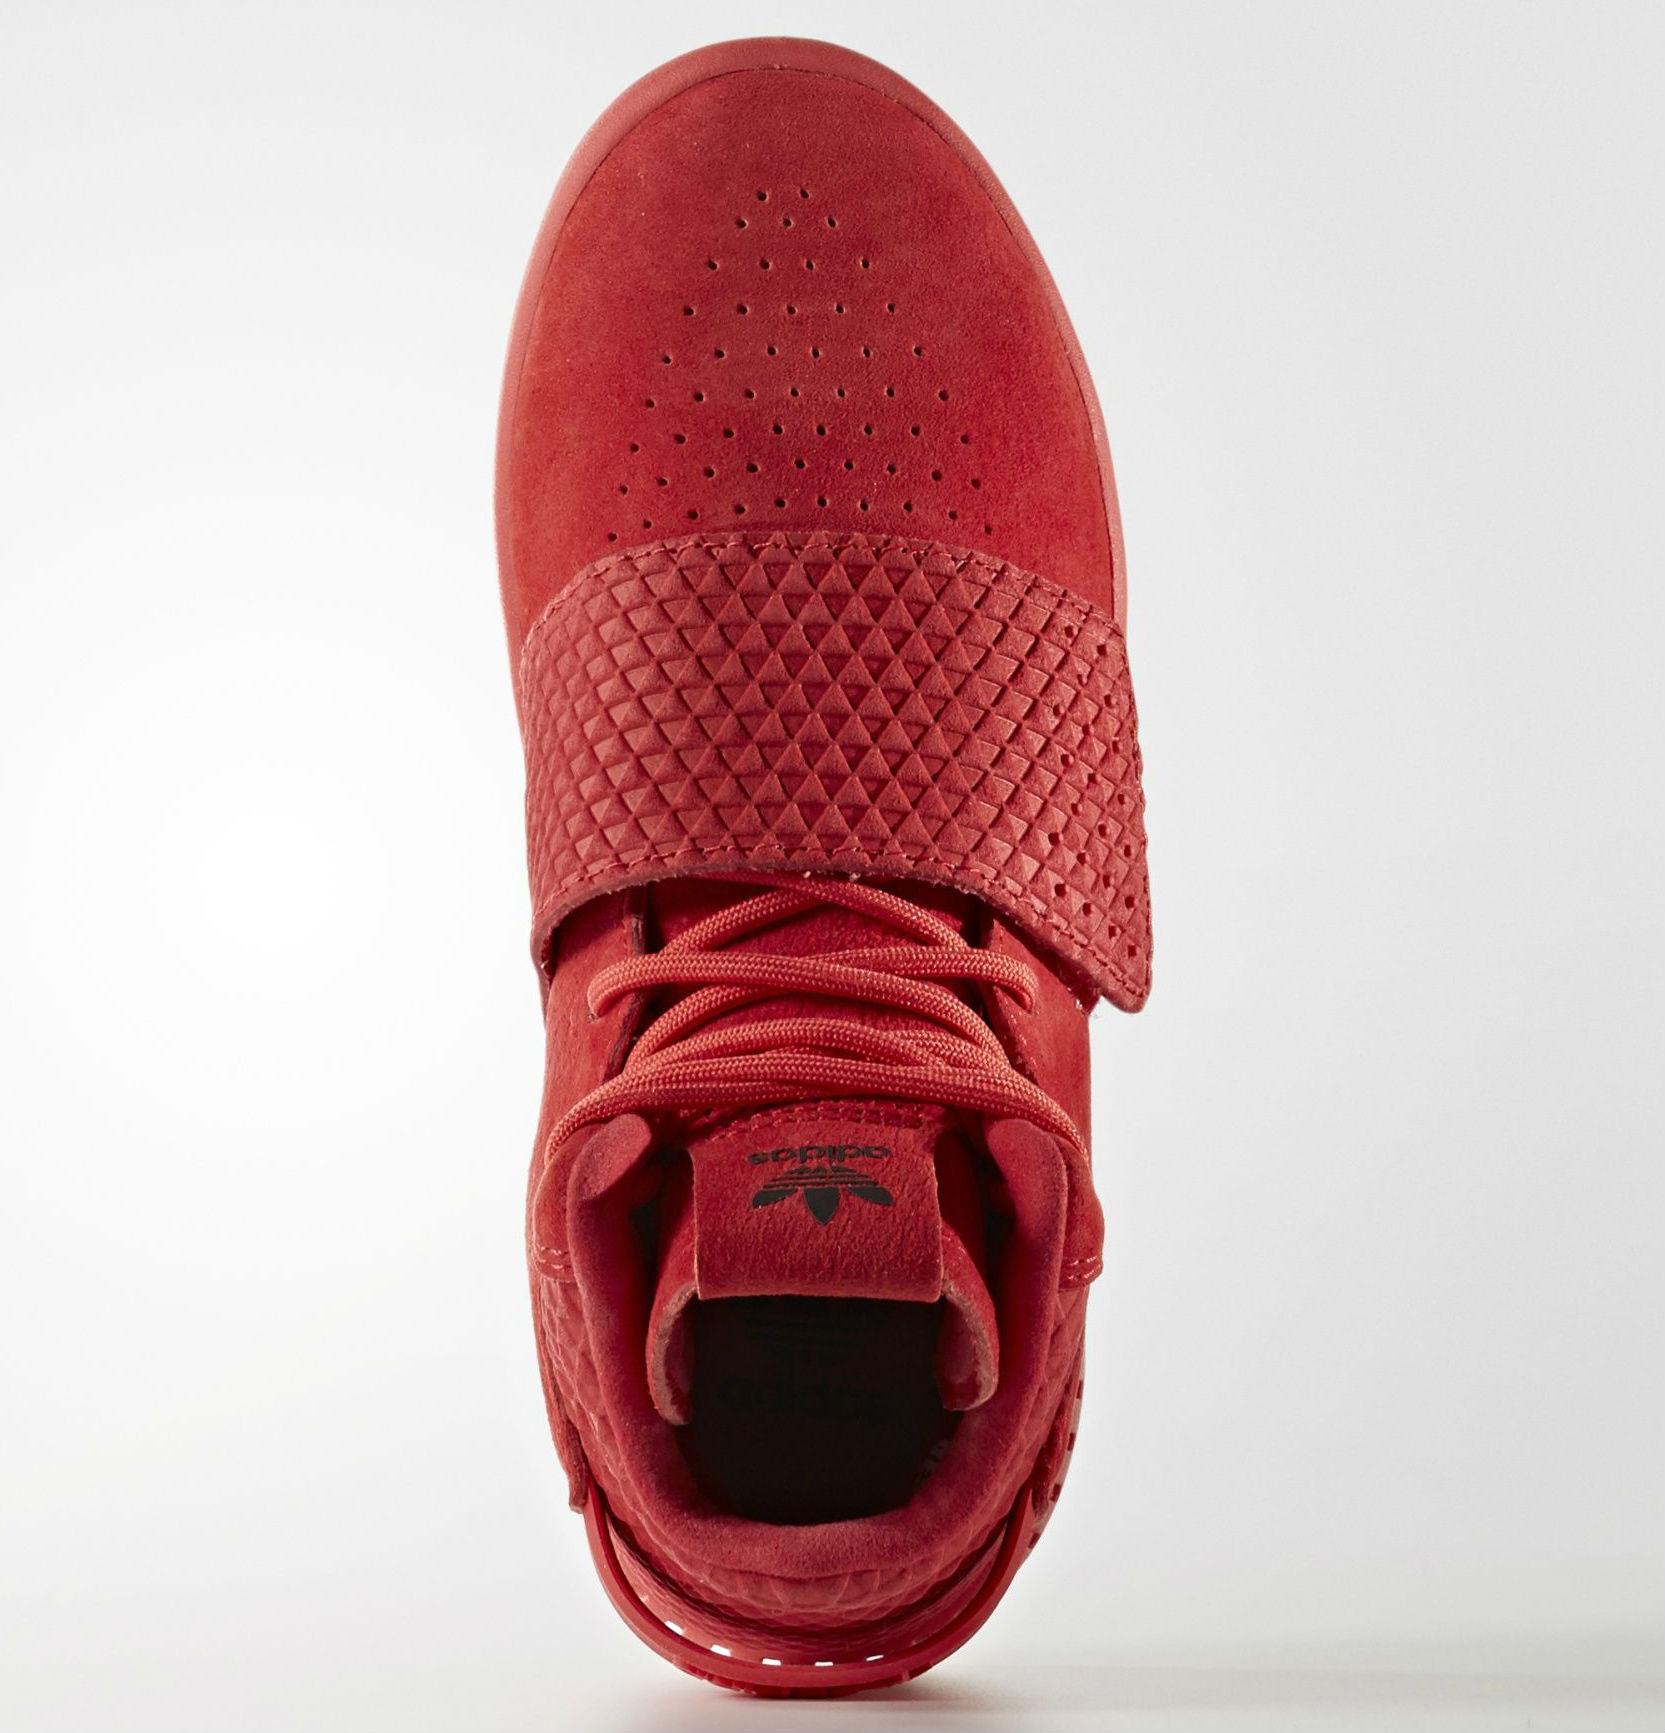 adidas-Tubular-Invader-Red-October-3